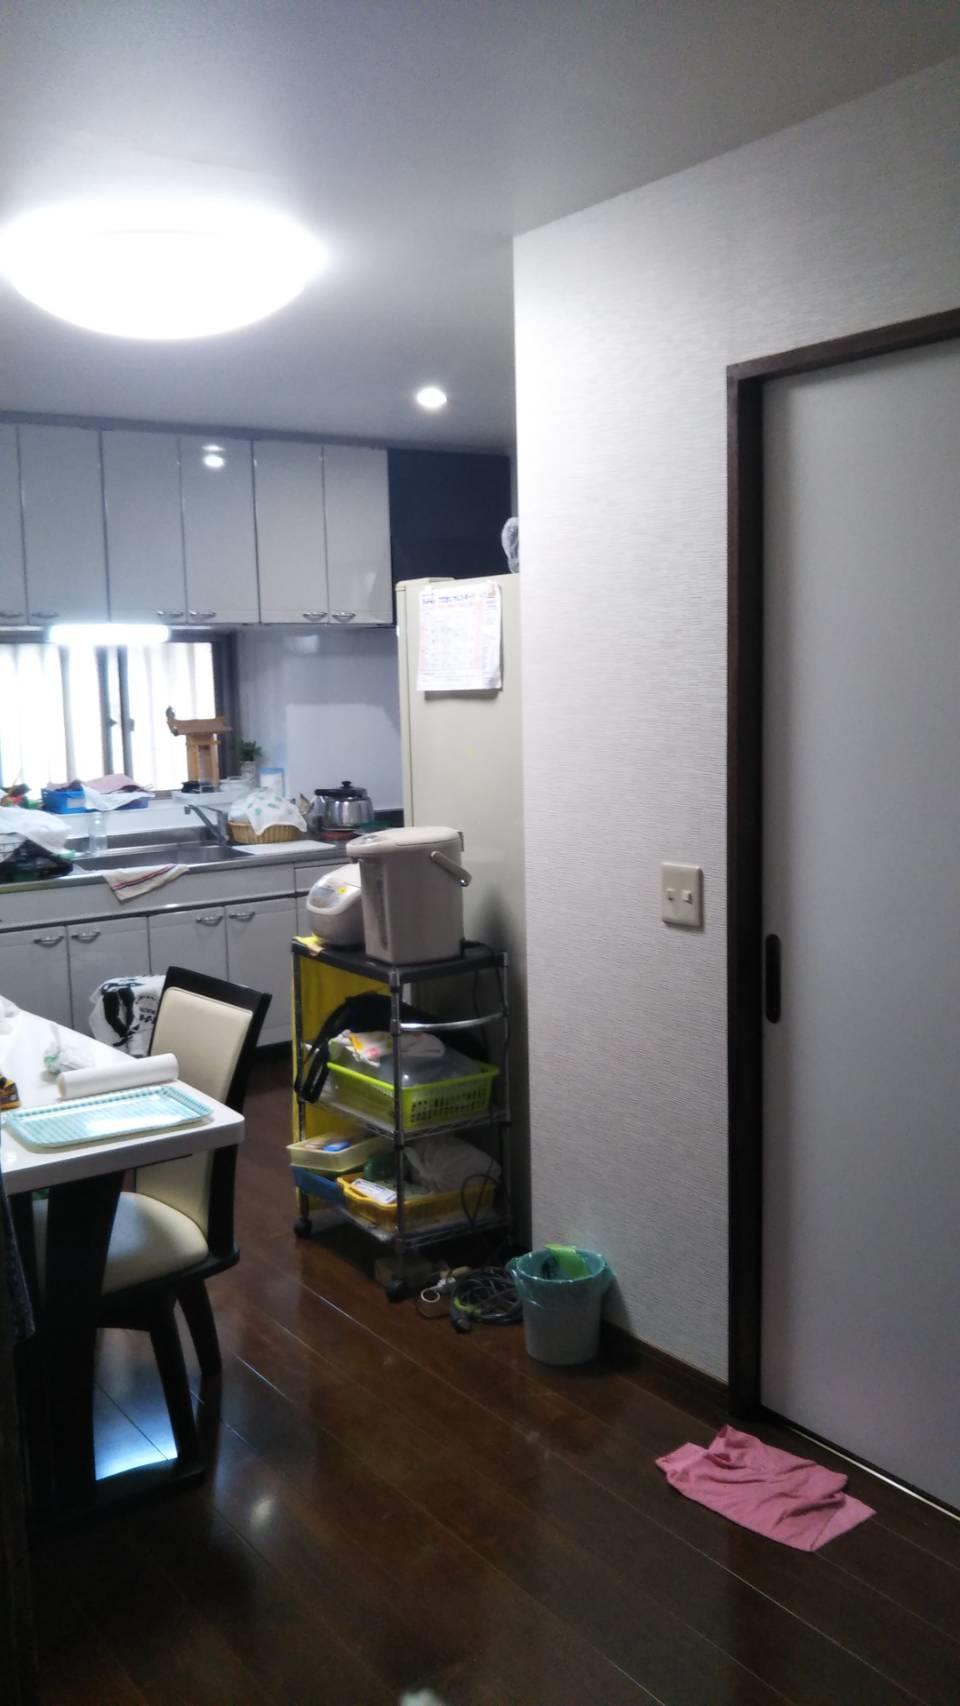 1階部分改装工事(リフォーム施工事例)を公開しました。   沖縄や那覇でリフォームするなら【株式会社 あうん工房】